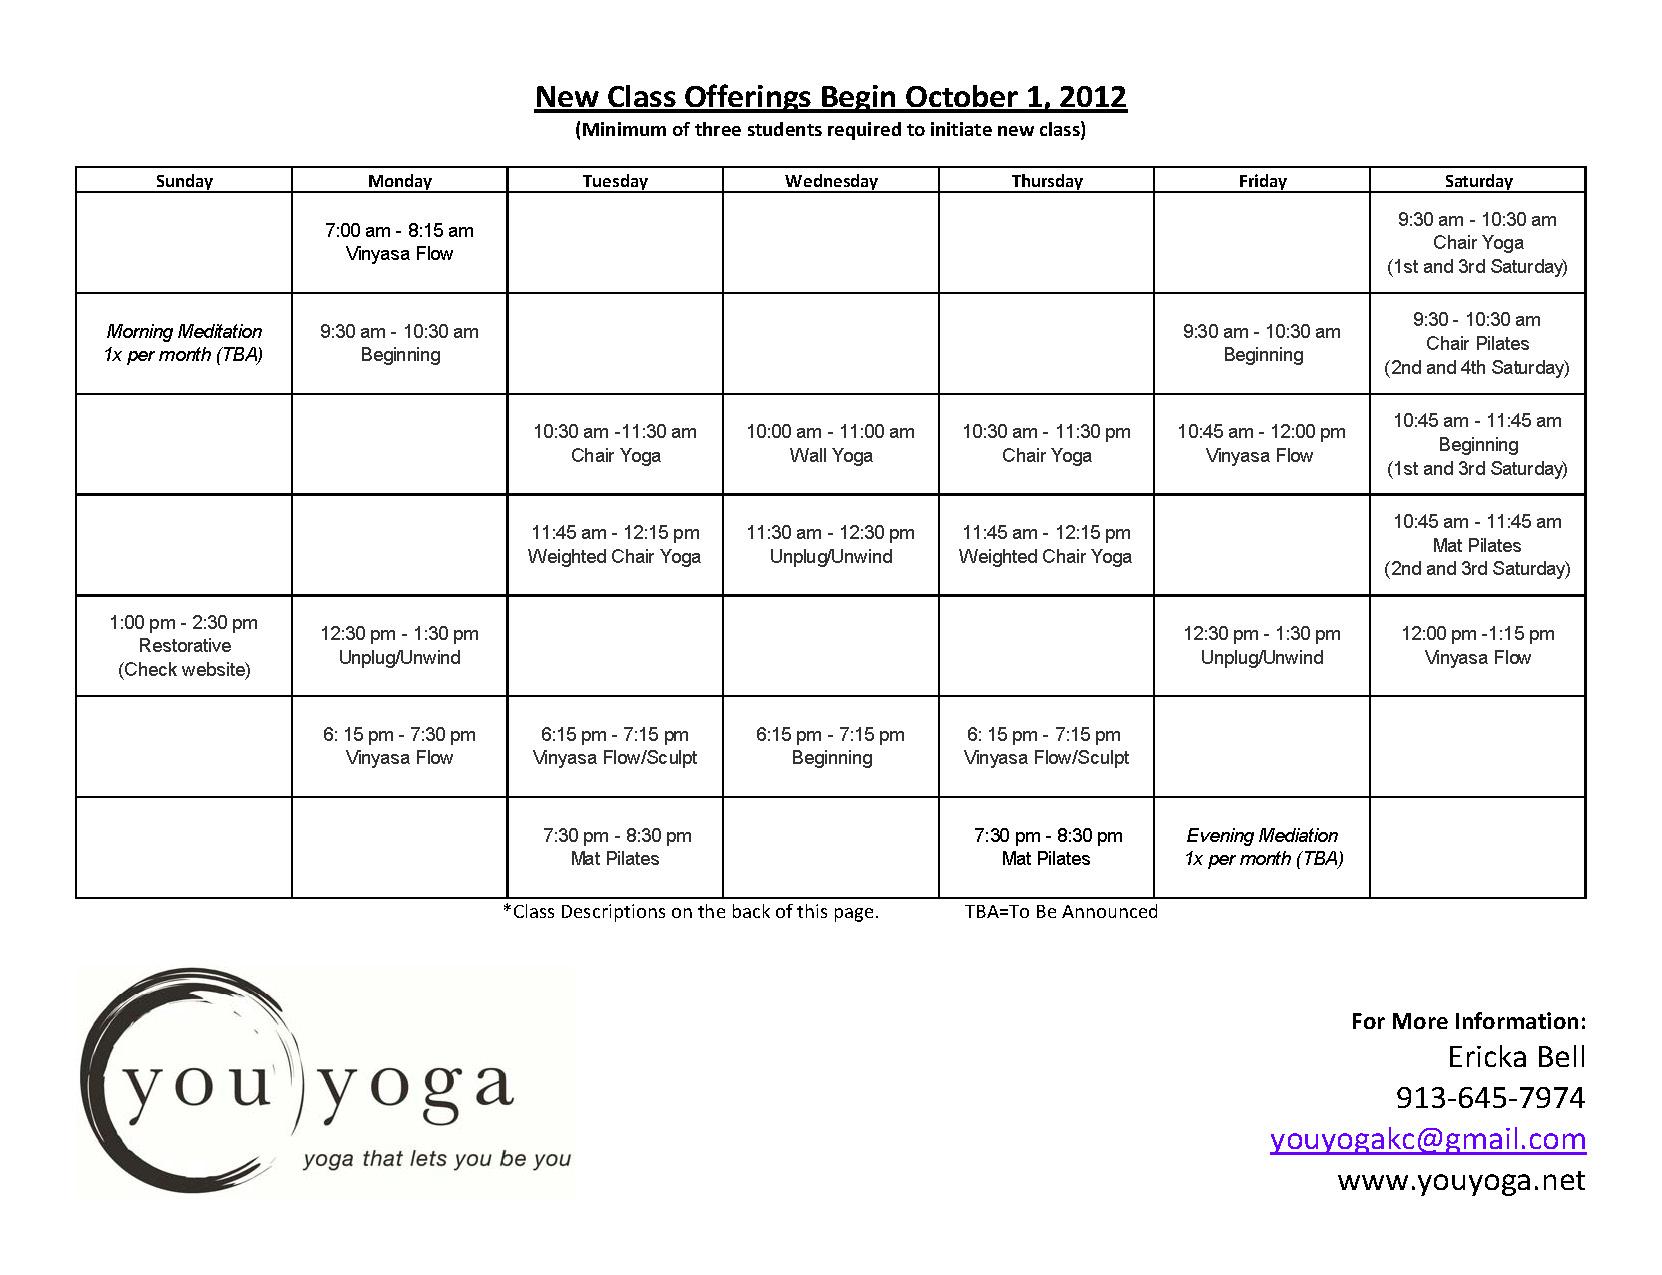 myoga schedule